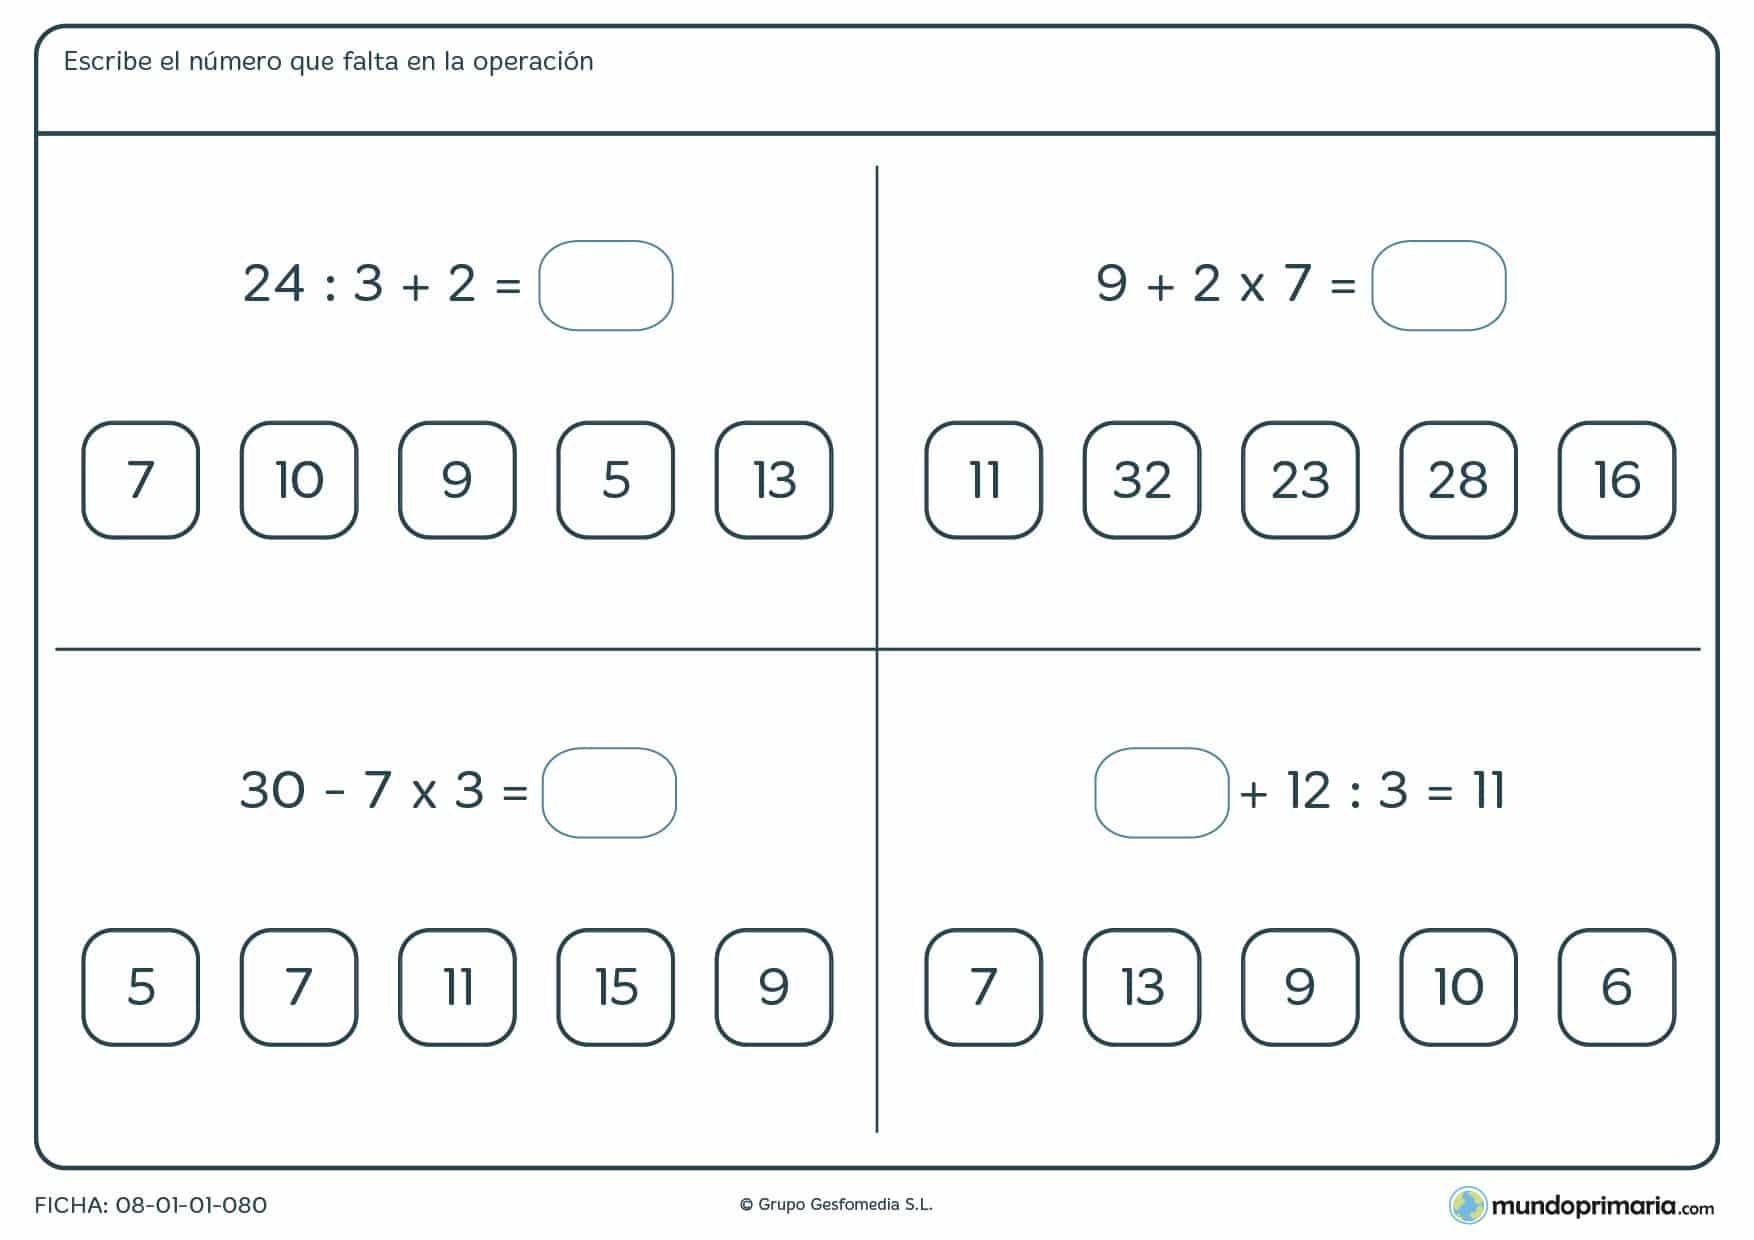 Ficha para resolver operación con los números que aparecen para 6º